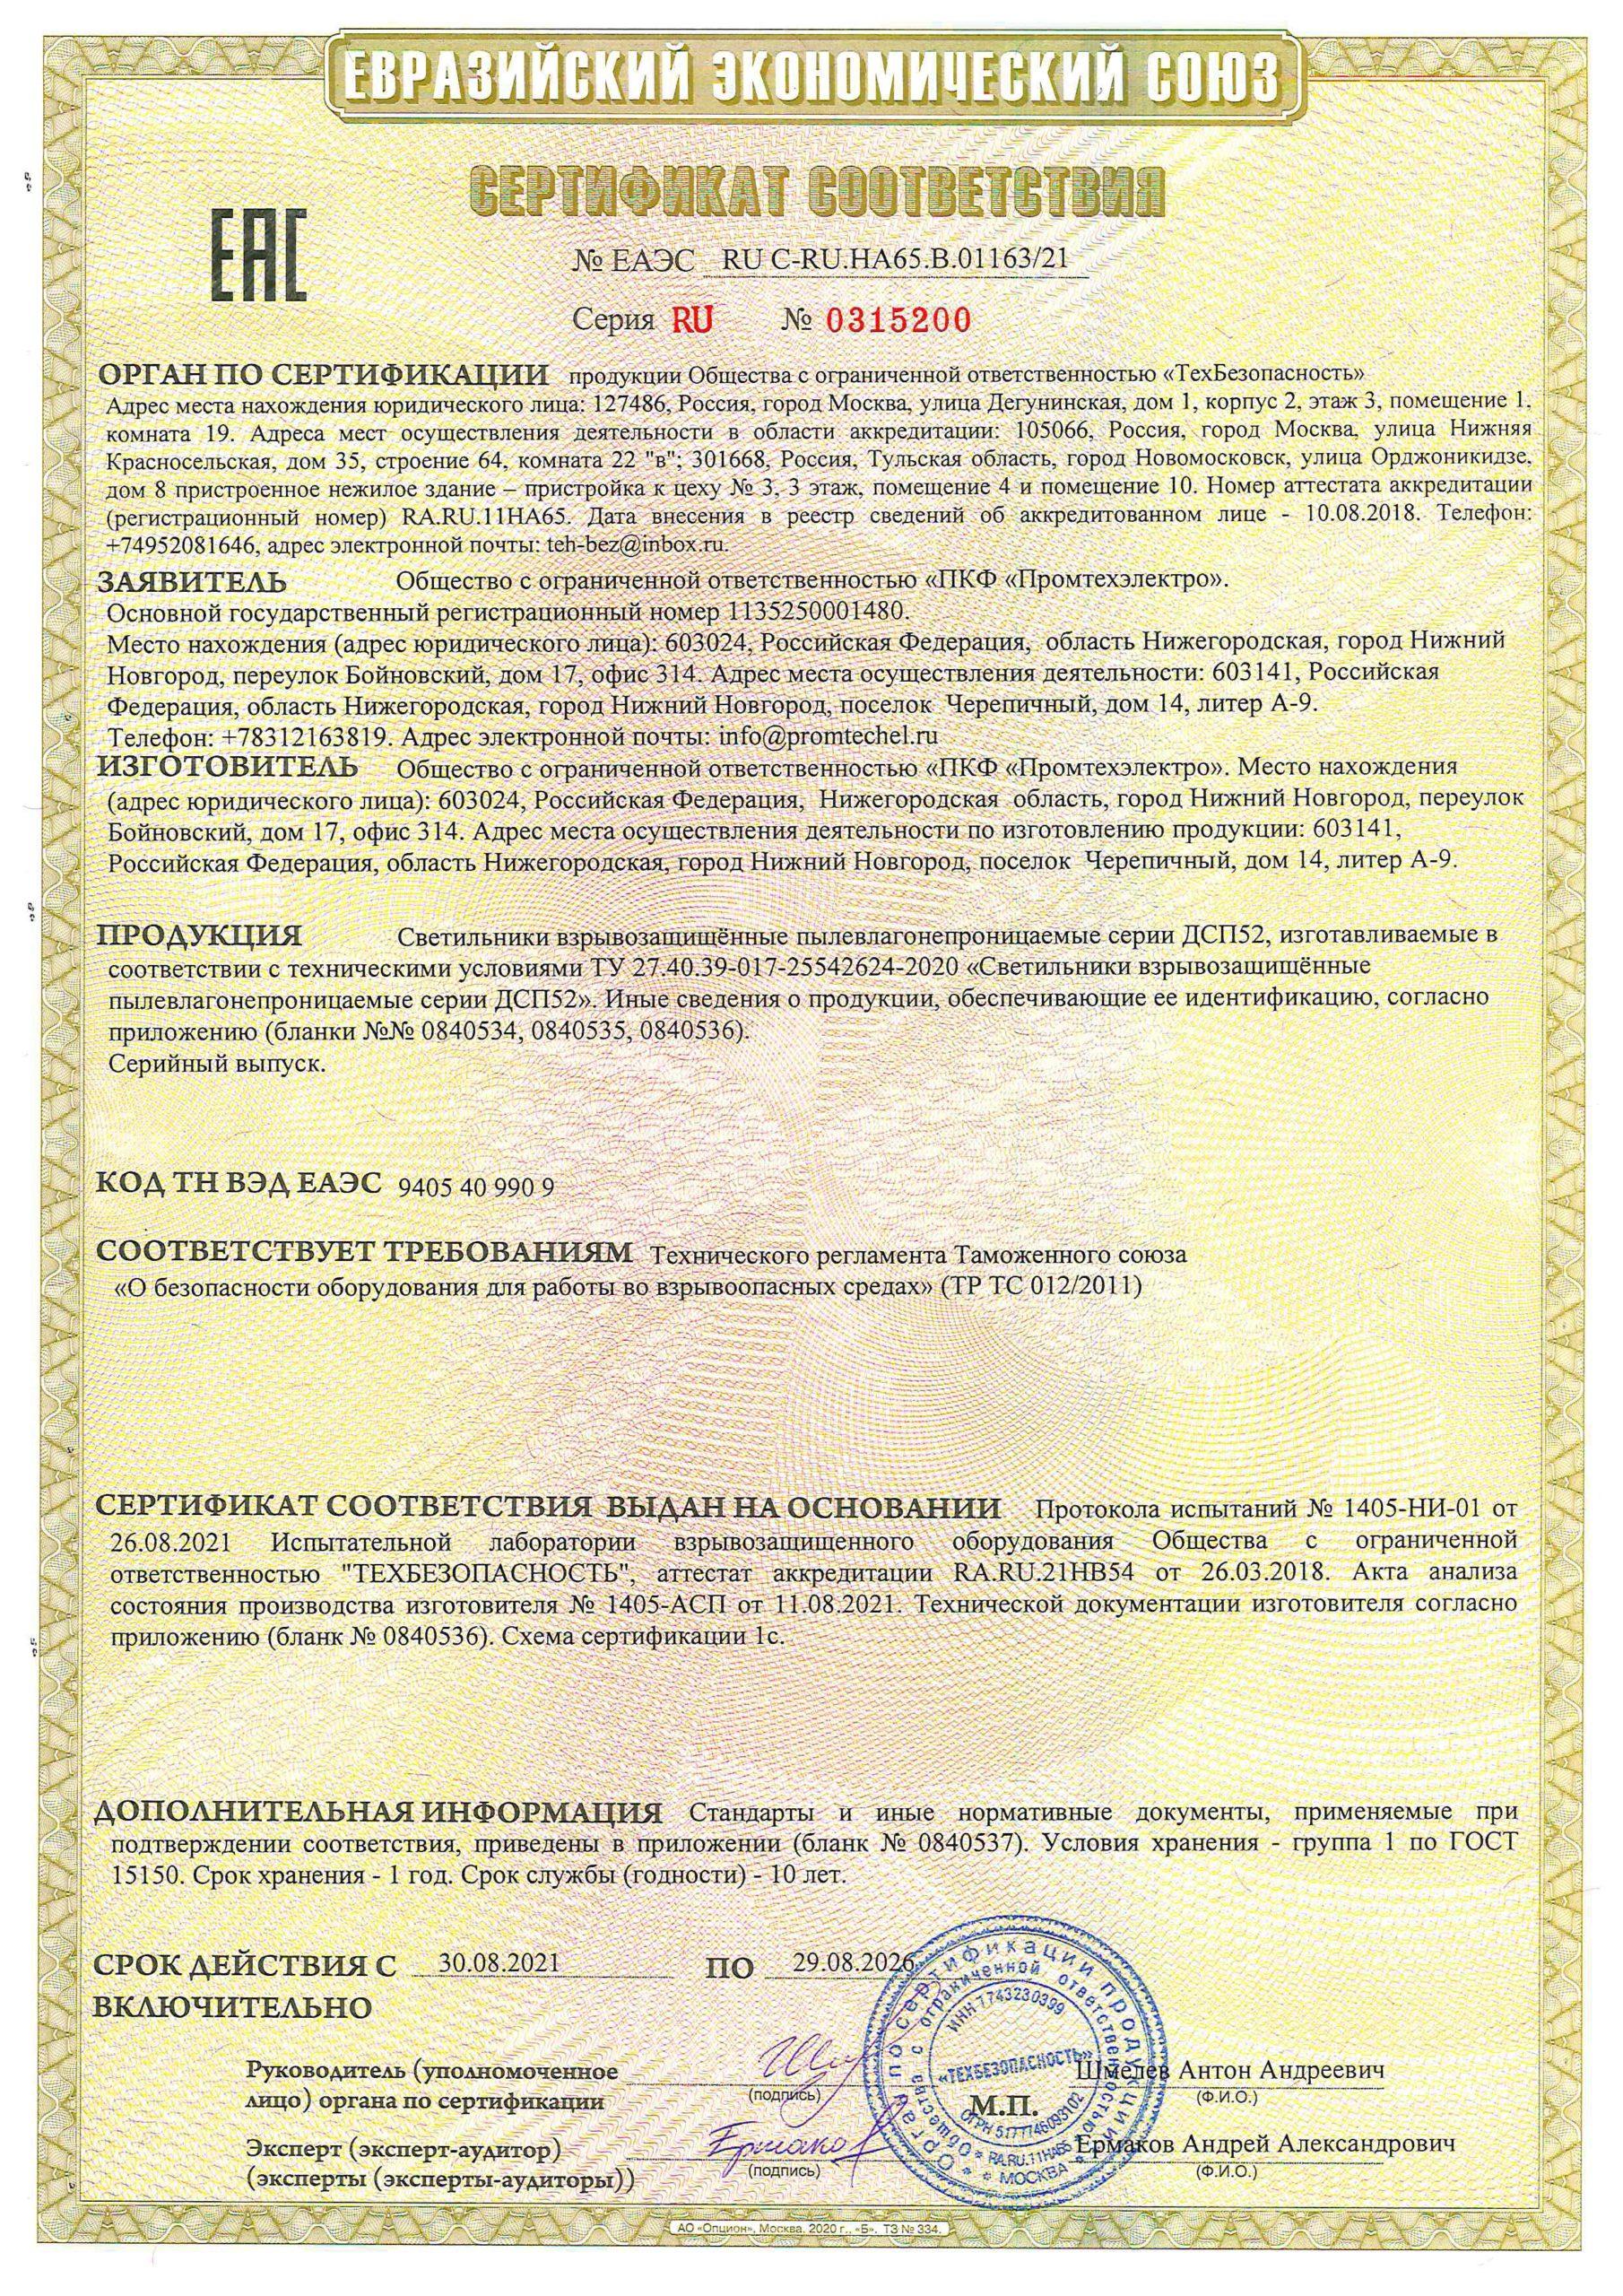 Сертификат ТР ТС 012 на взрывозащищенные светодиодные светильники серии ДСП52